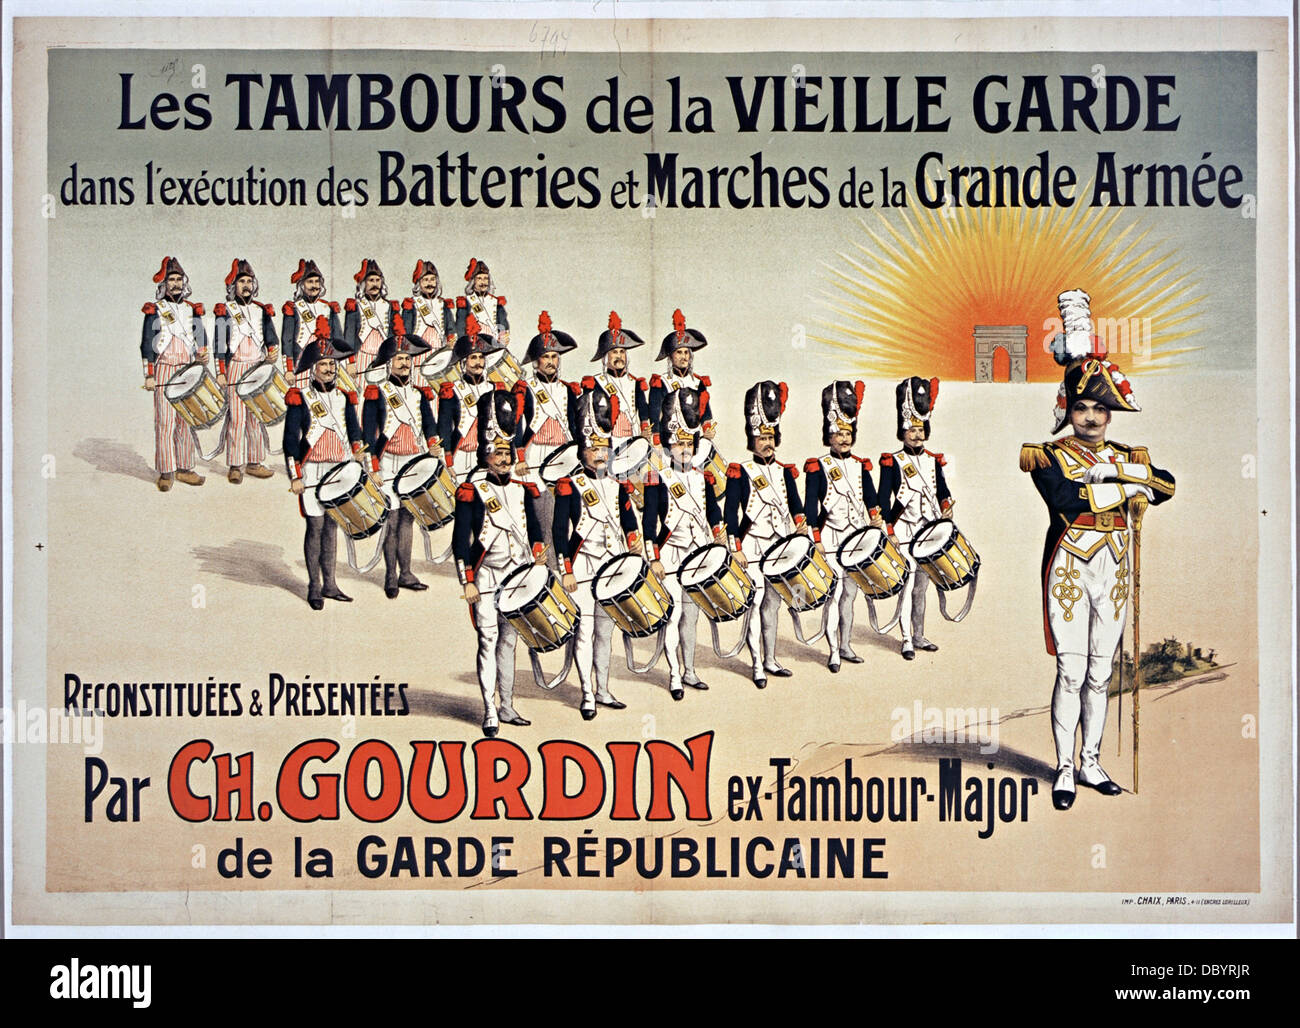 Poster, lithograph in colors 88 x 124: Les Tambours de la Vieille Garde dans l'exécution des batteries - Stock Image